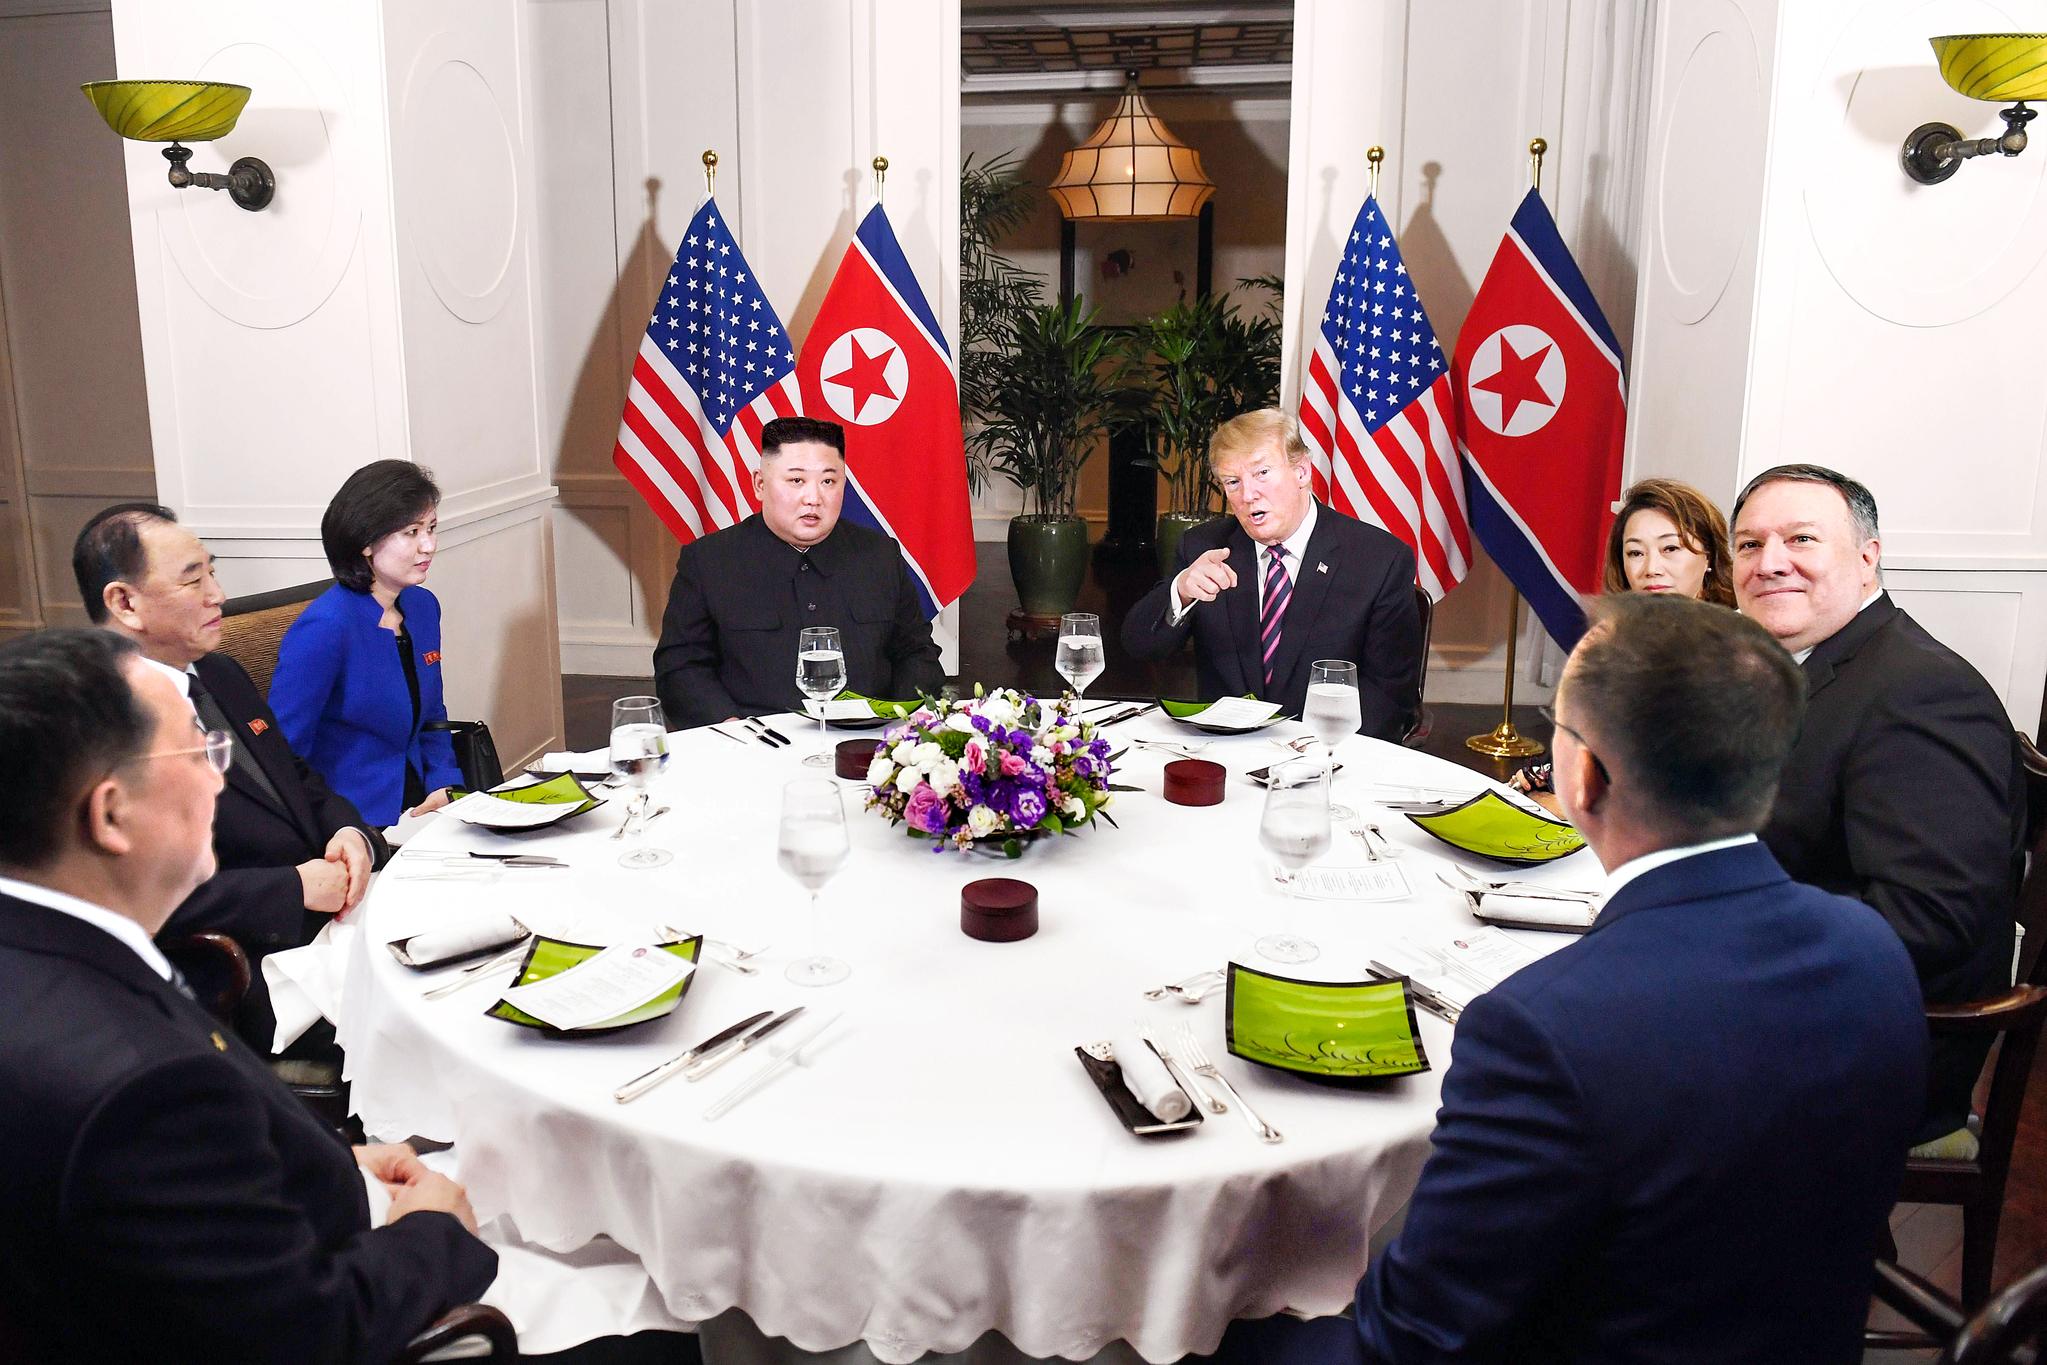 2월 27일 열린 원탁 만찬에서 김정은 위원장과 트럼프 대통령이 나란히 앉아 있다. [AFP=연합뉴스]